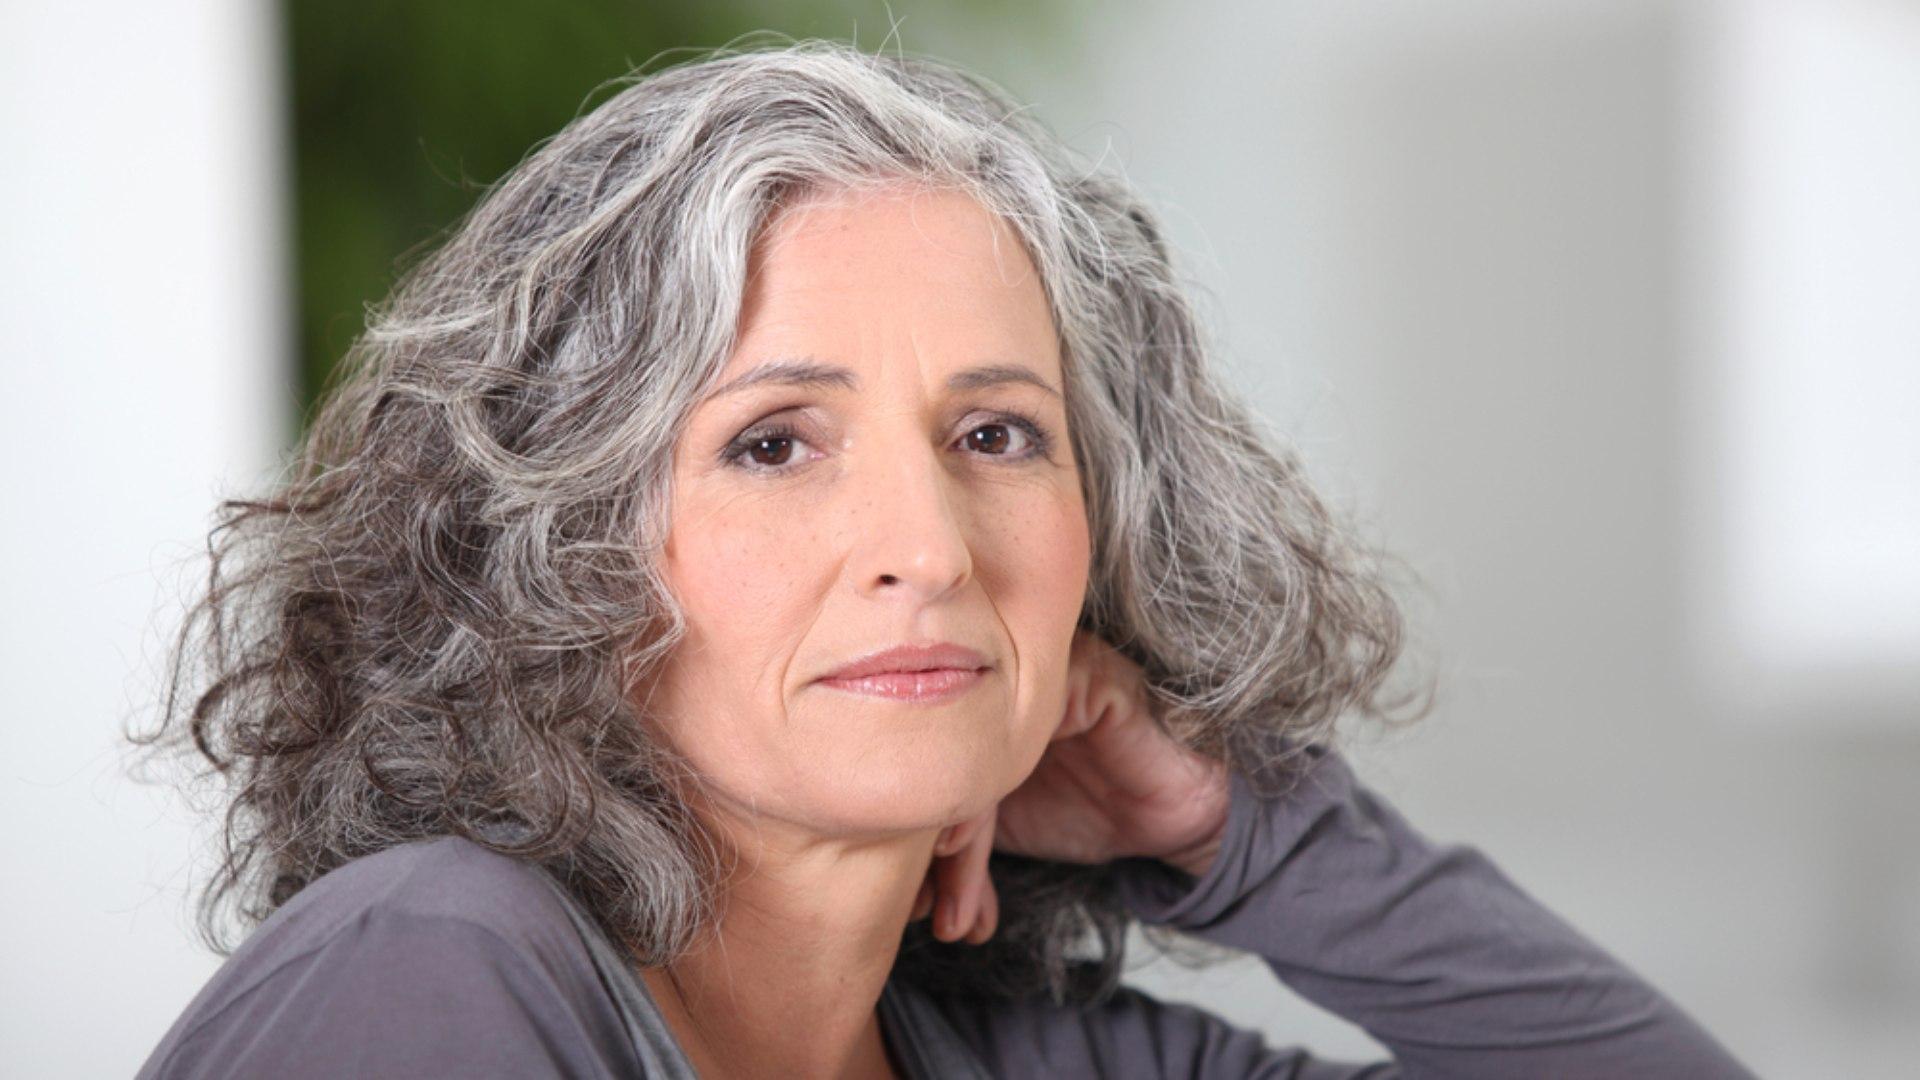 ECONOMIA PRATEADA |Pandemia coloca holofote nos 60+: temas como longevidade e finitude passam a ser debatidos Por Layla Vallias